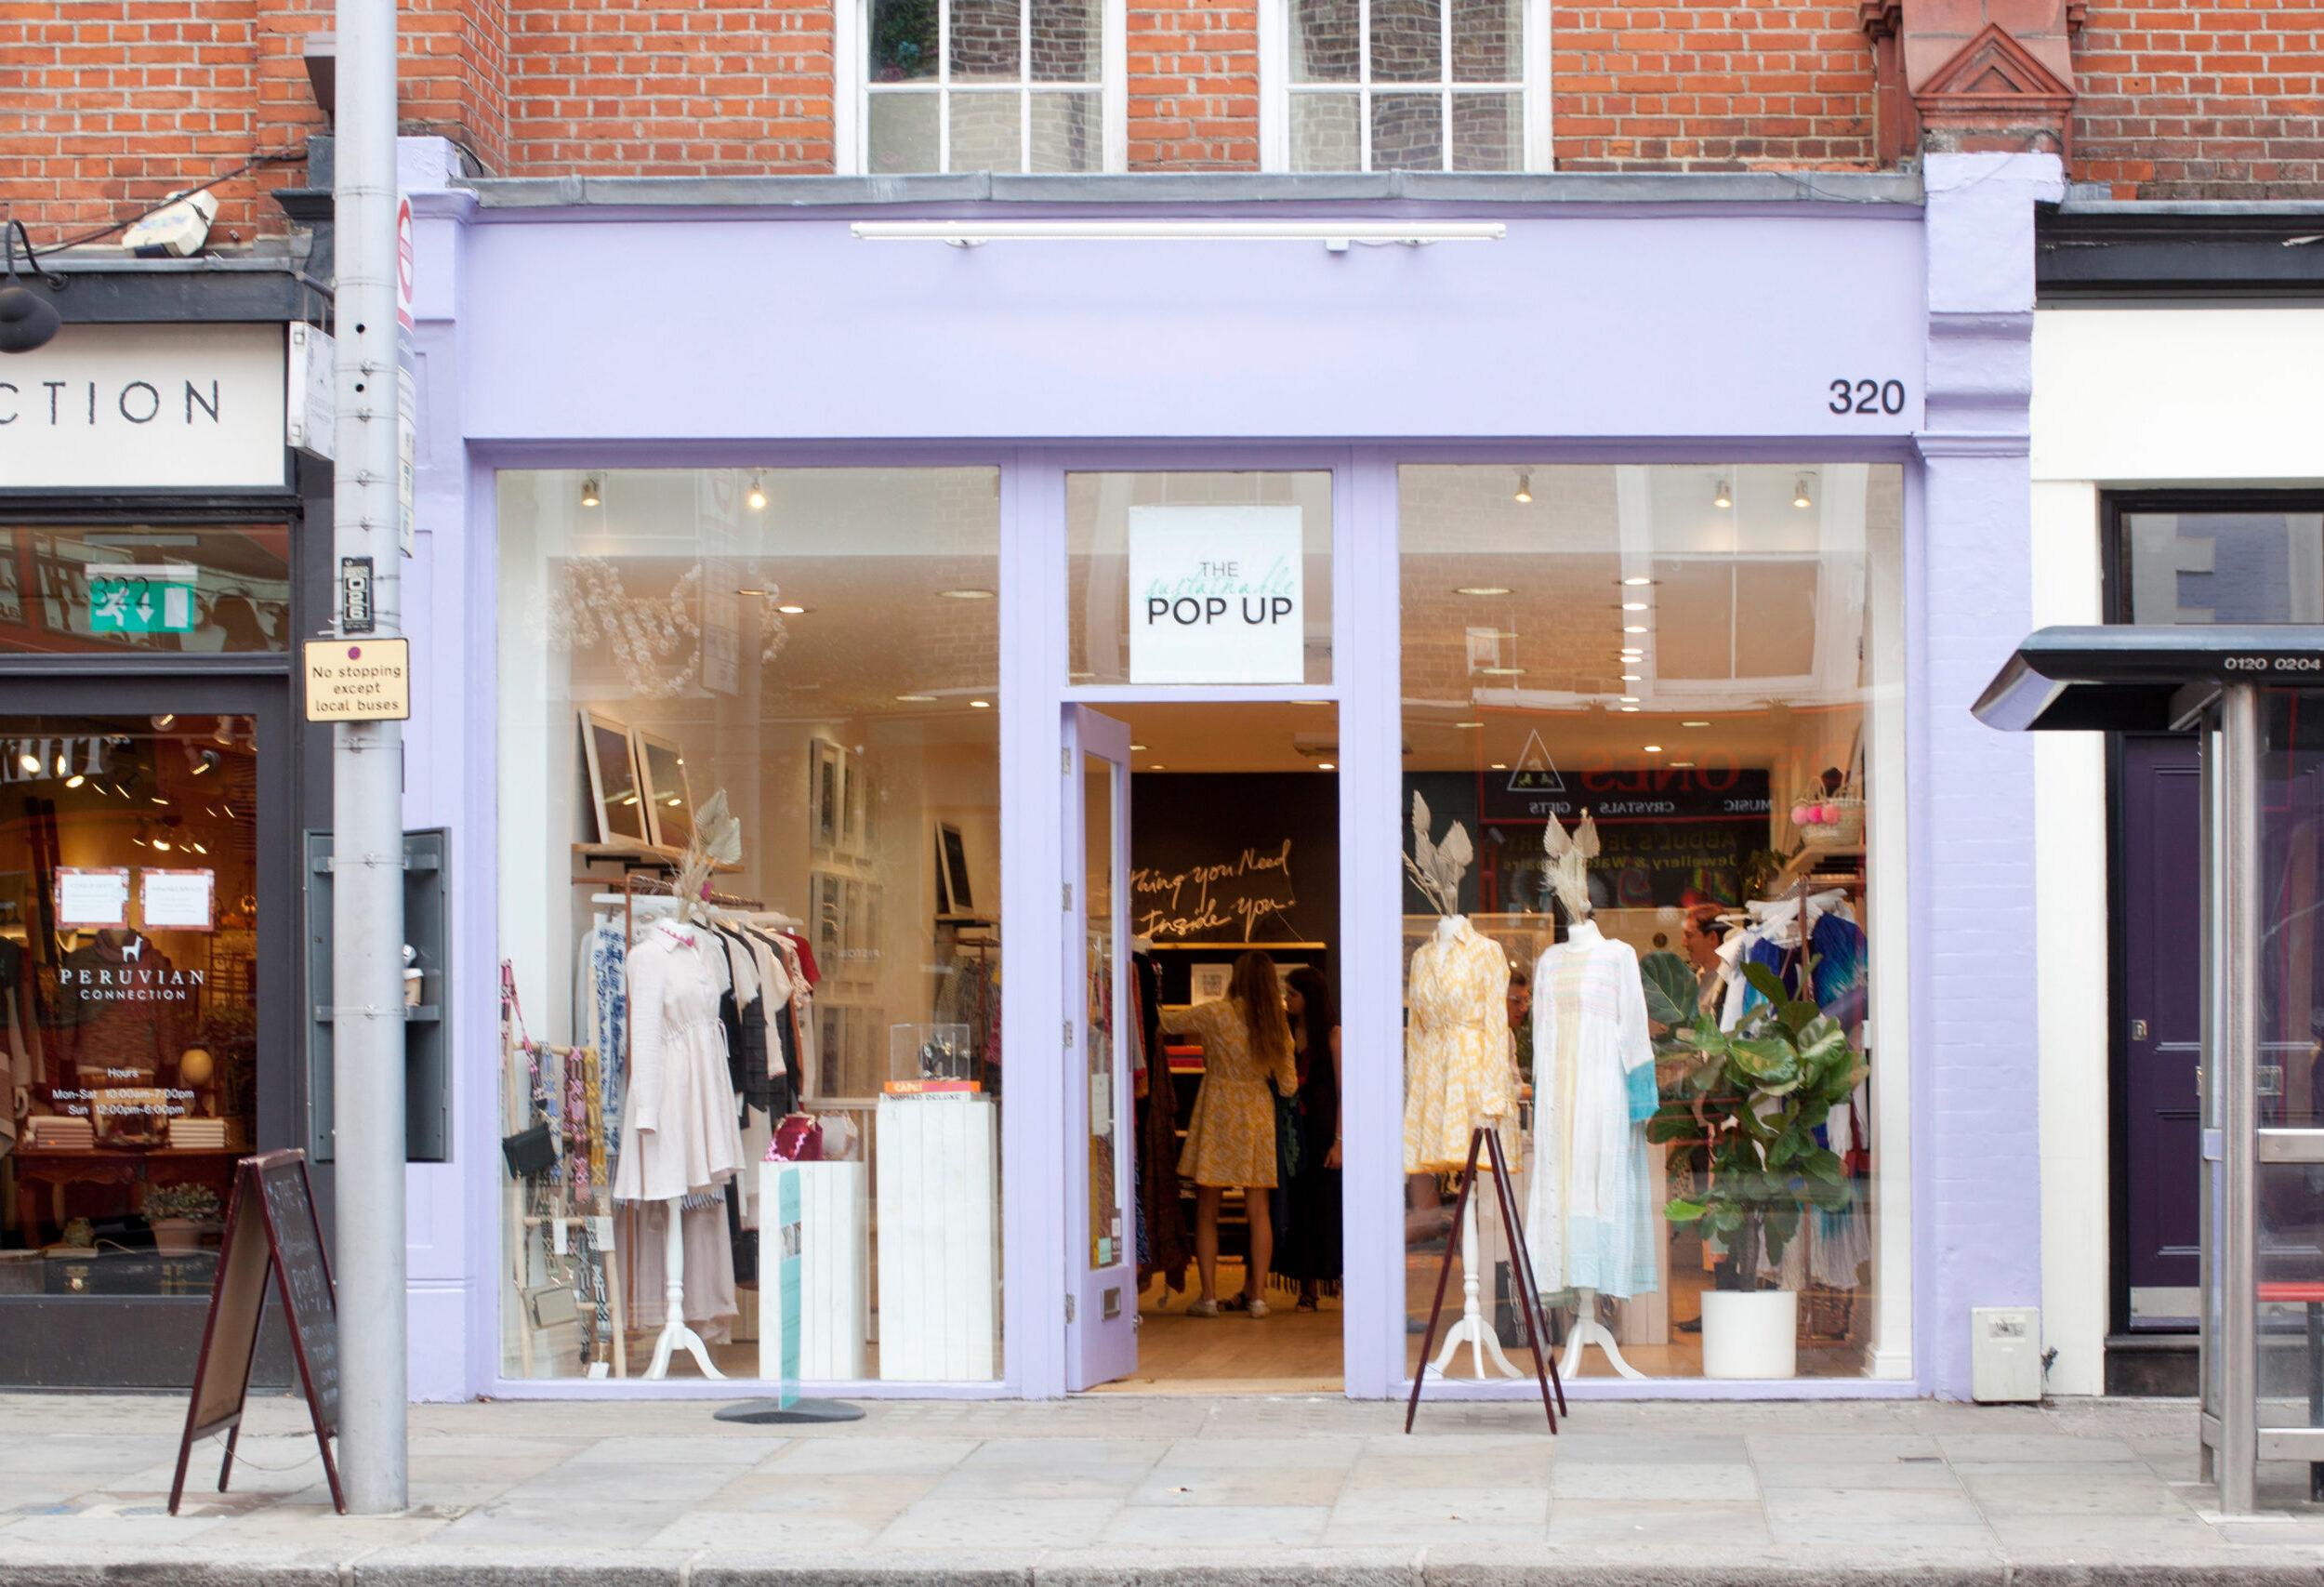 Violet pop-up fashion shop at 320 King's road